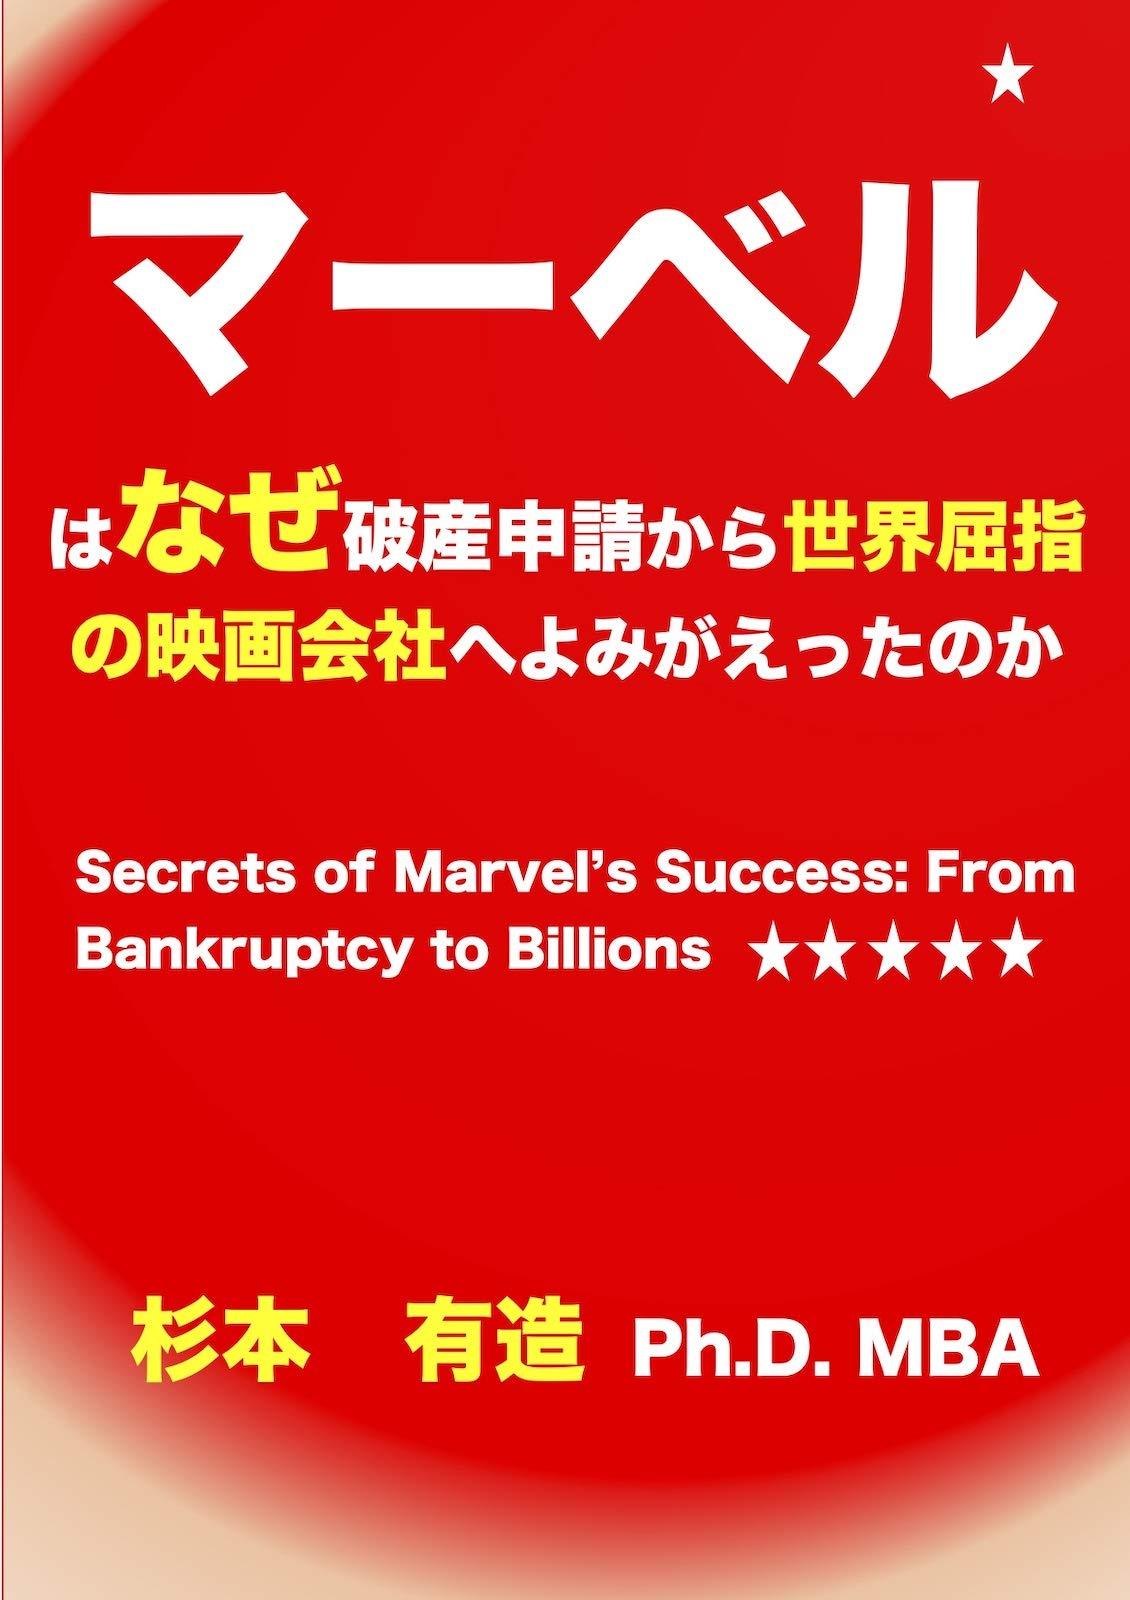 Mahbel-wa-naze-hasanshinsei-kara-sekai-kusshi-no-eigagaisha-e-yomigaetta-noka (Japanese Edition)